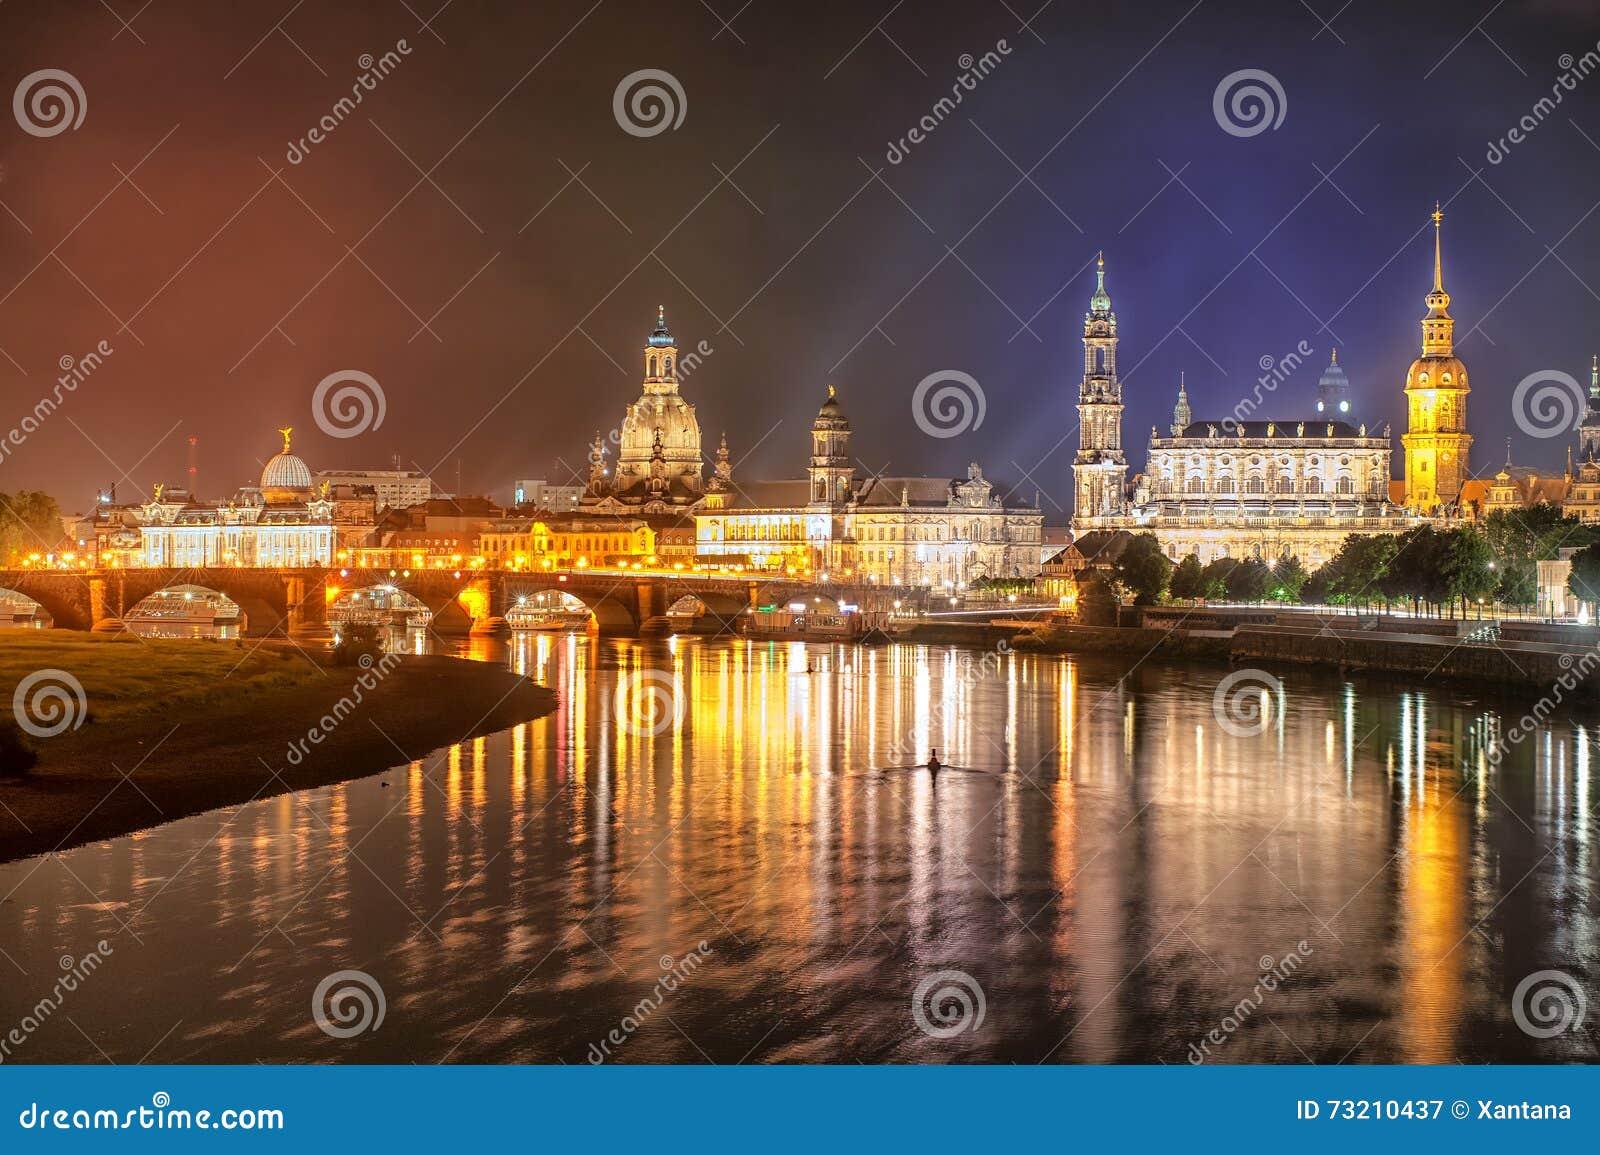 Oude stad van Dresden op Elbe rivier bij nacht, Duitsland